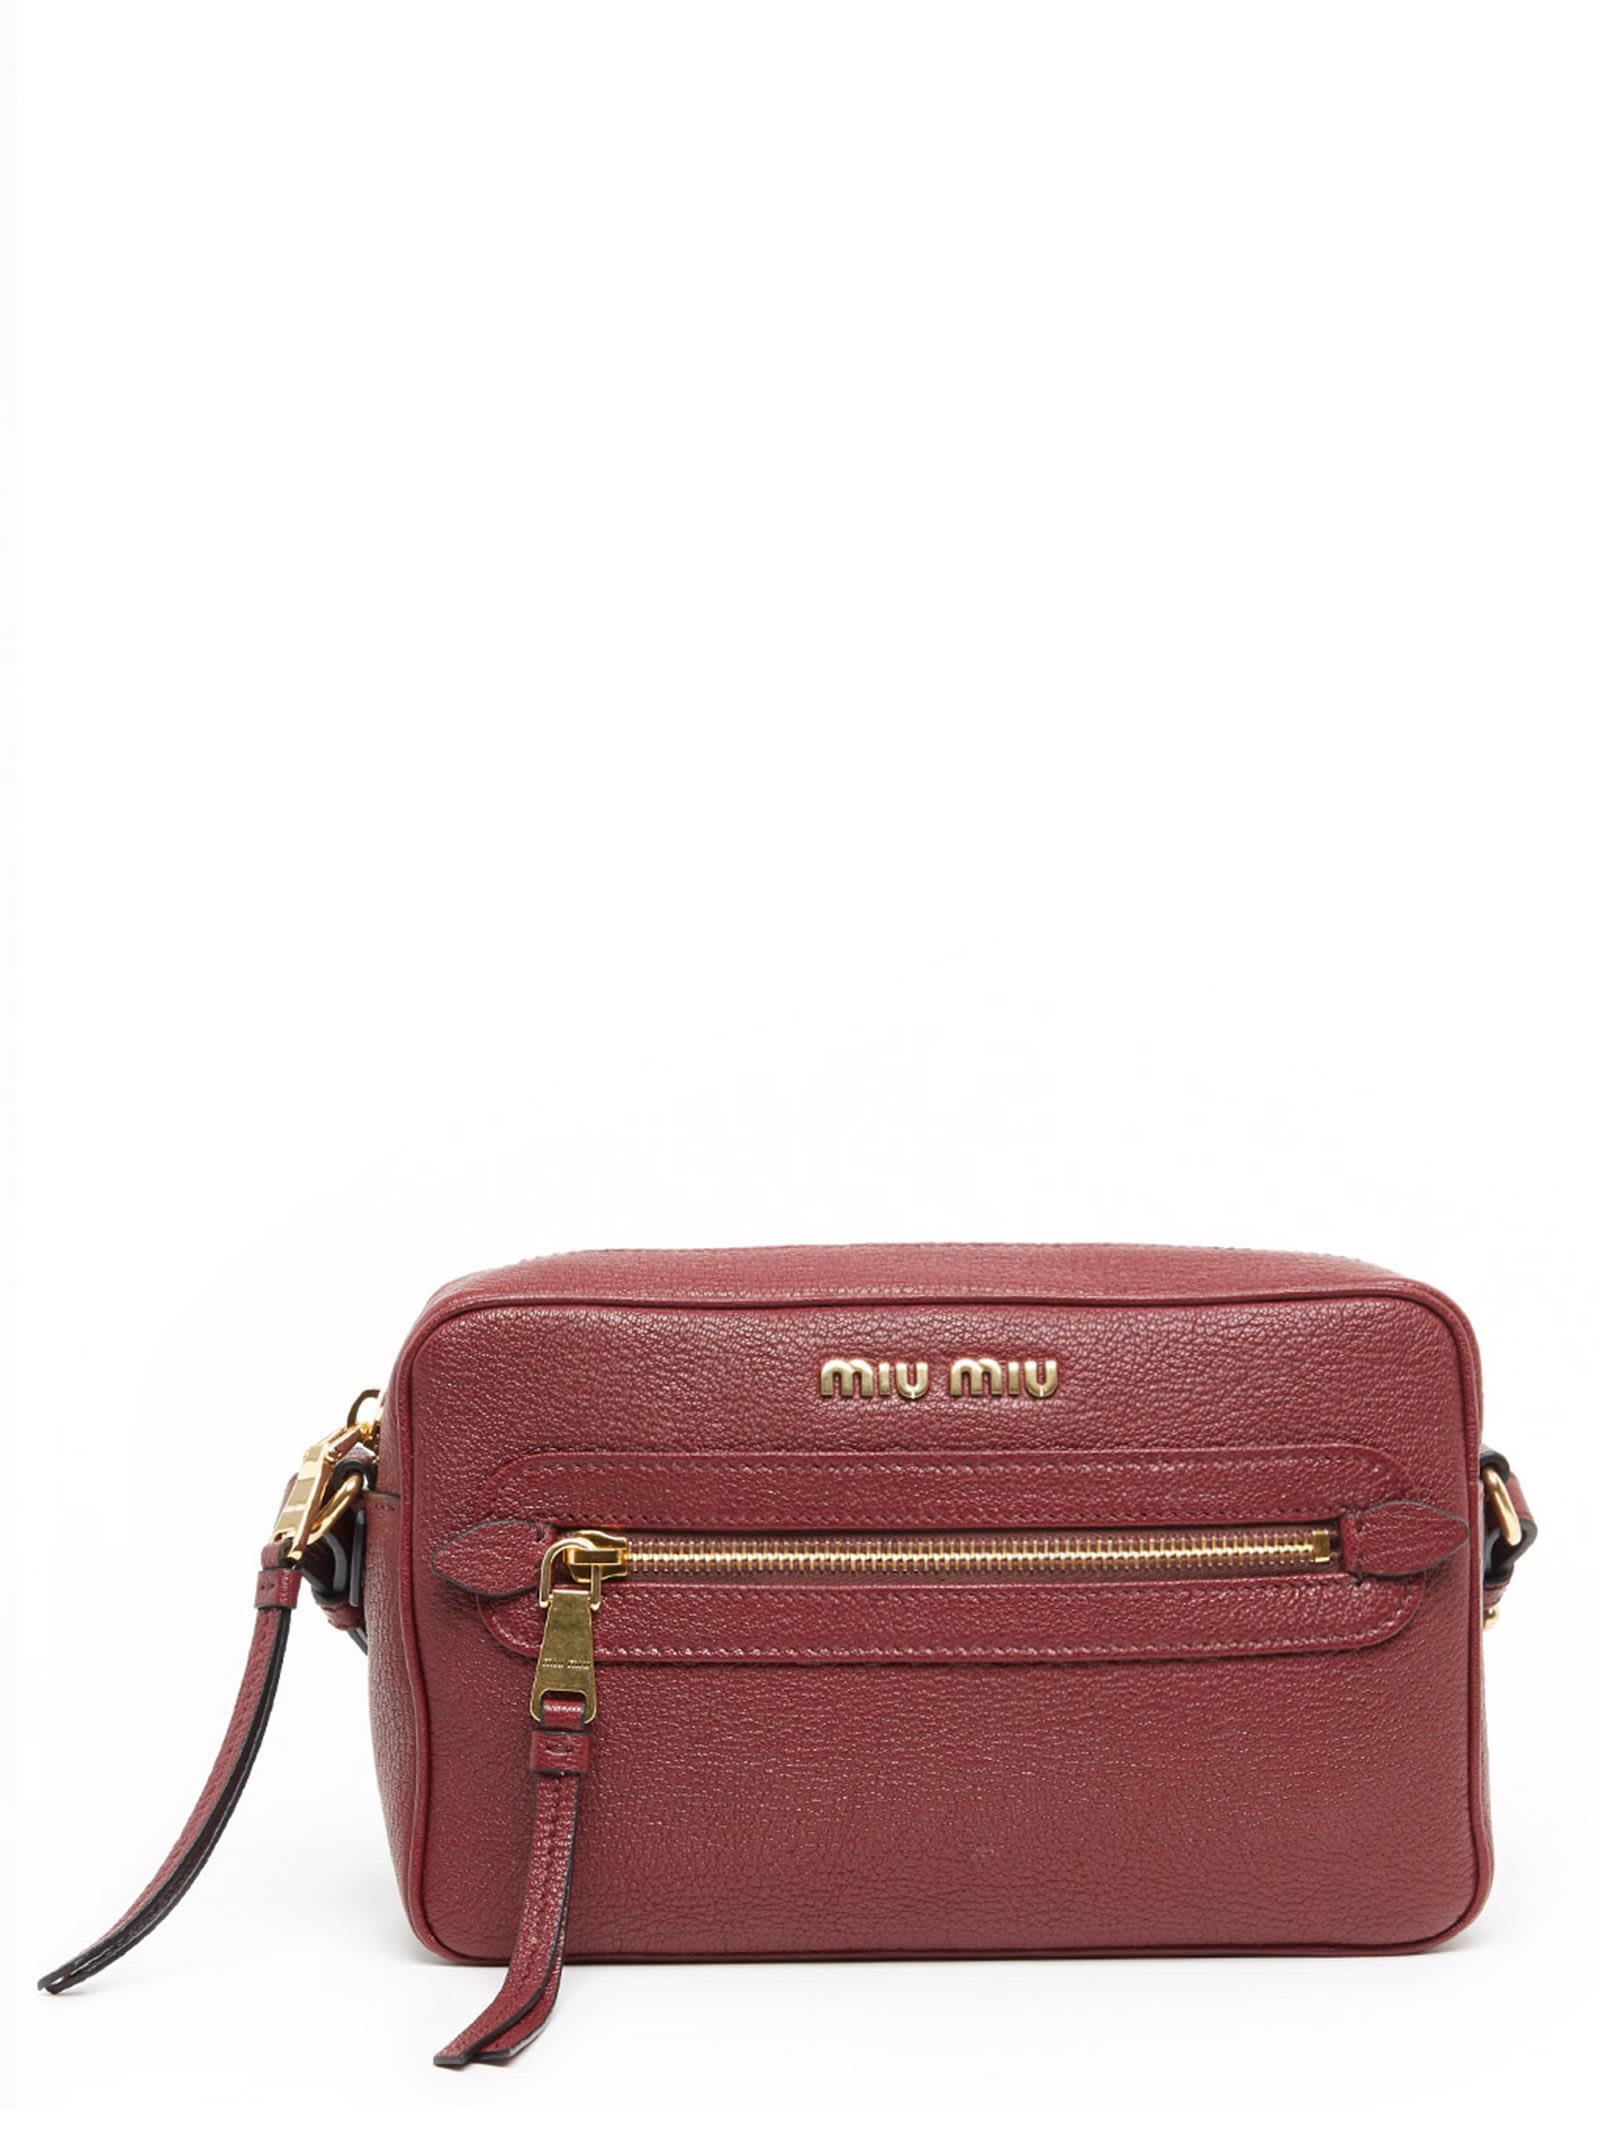 8b353c5cffa Miu Miu  Camera Bag  Bag In Burgundy